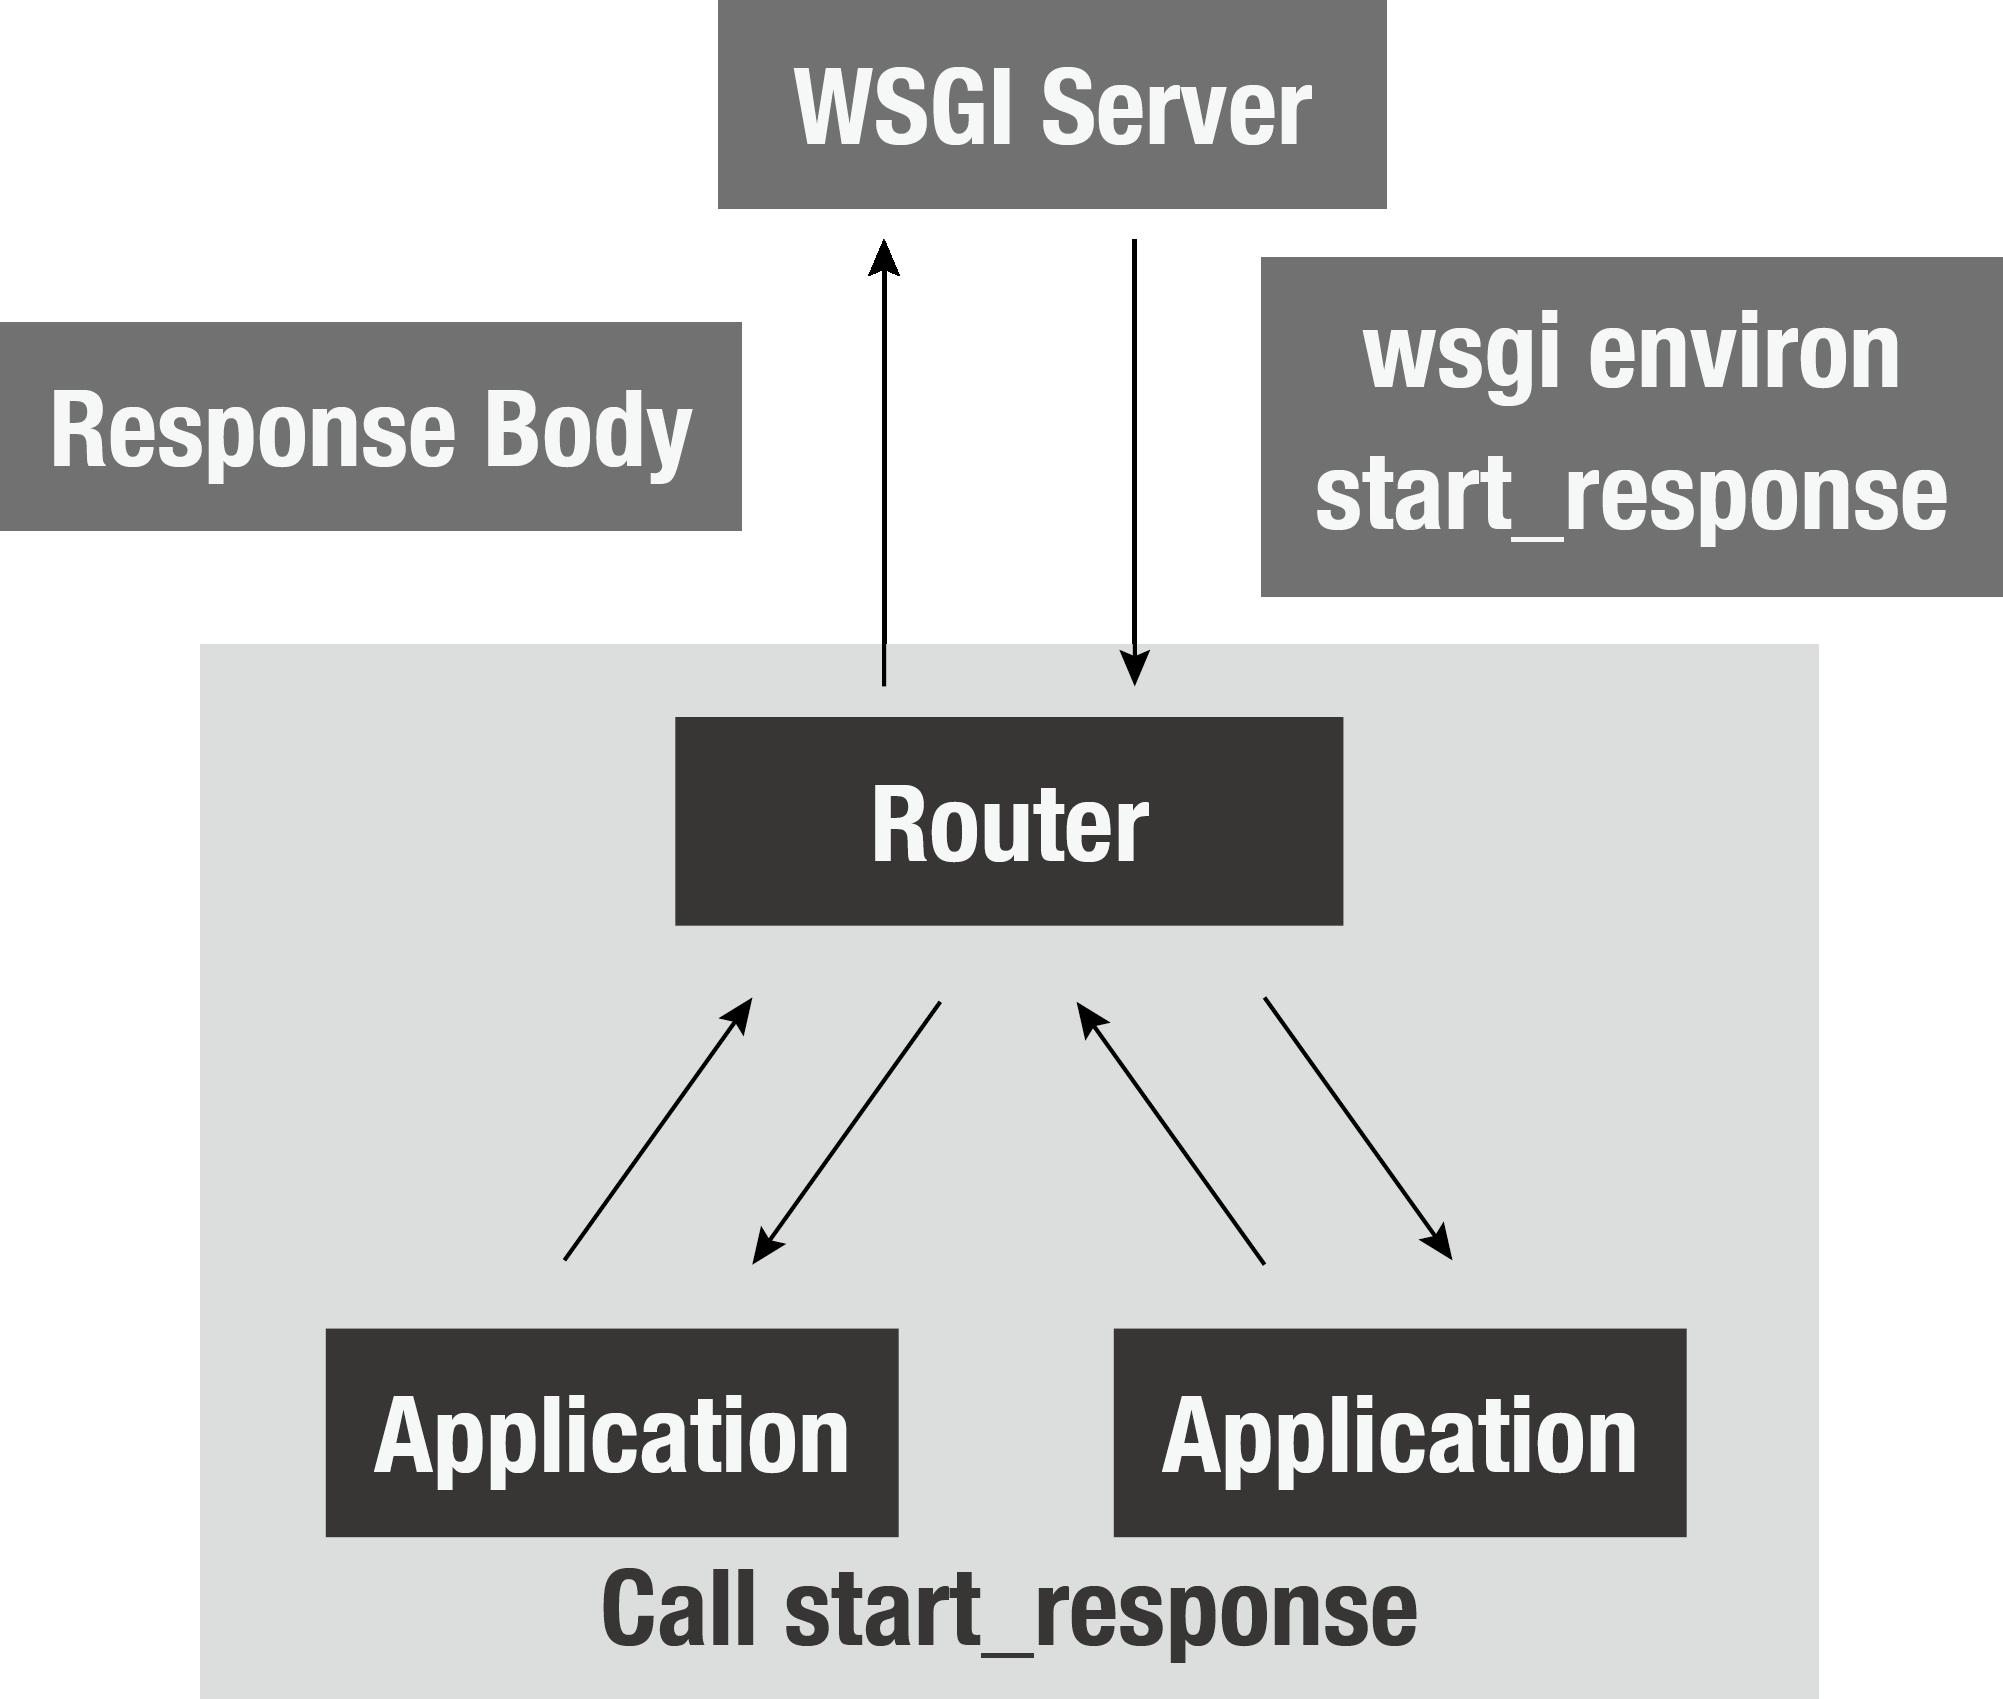 https://c-bata.link/webframework-in-python/_images/router.png